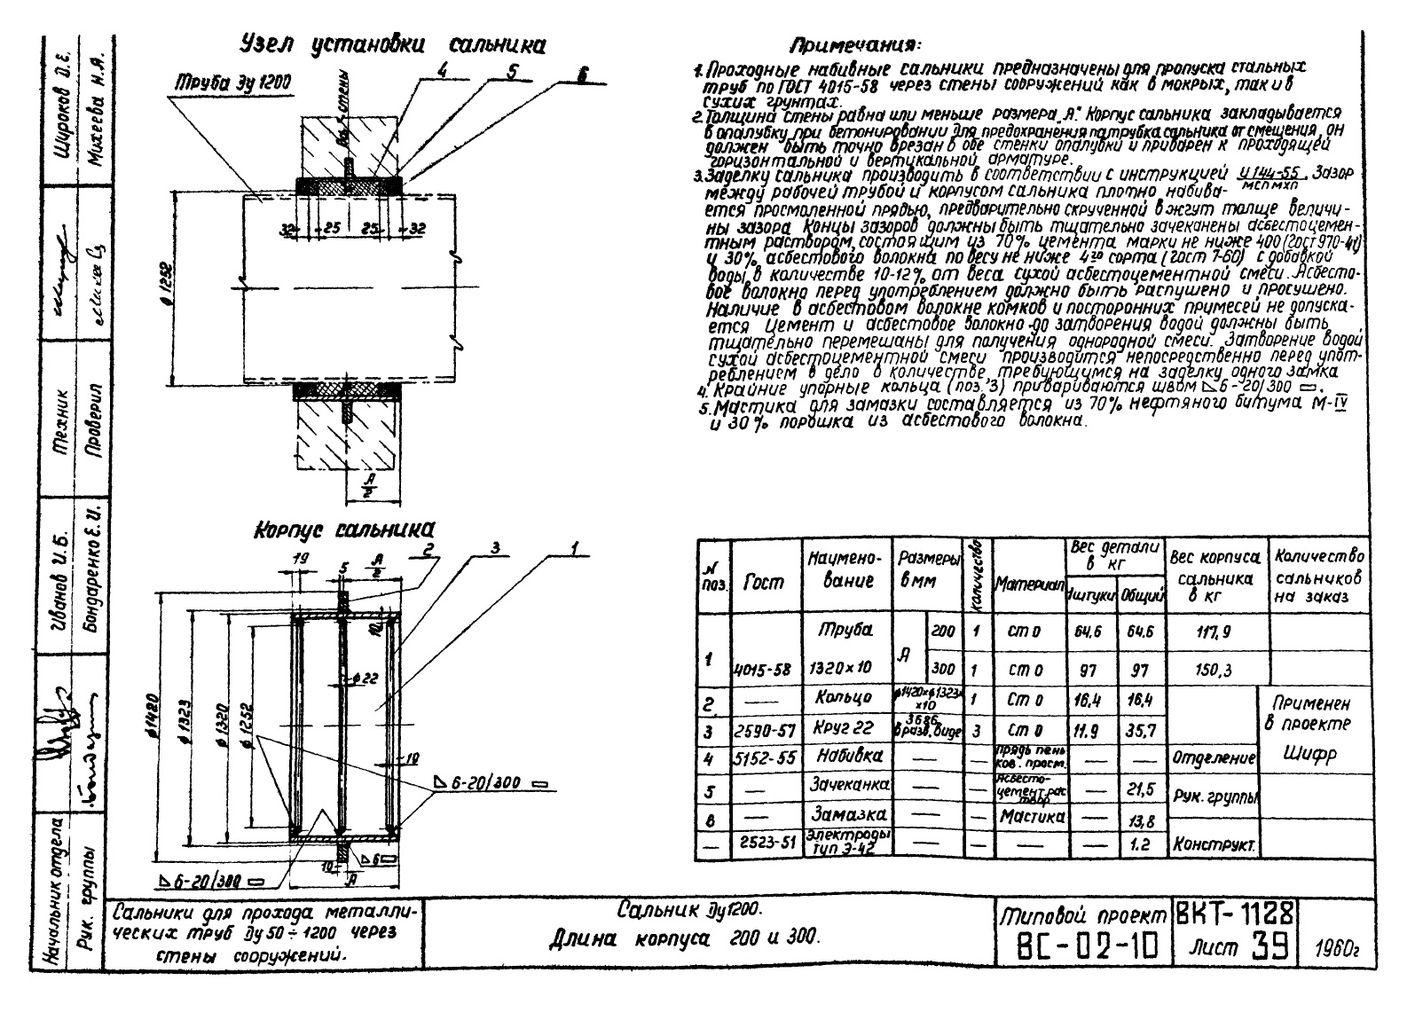 Сальники набивные L = 200 мм типовой проект ВС-02-10 стр.19